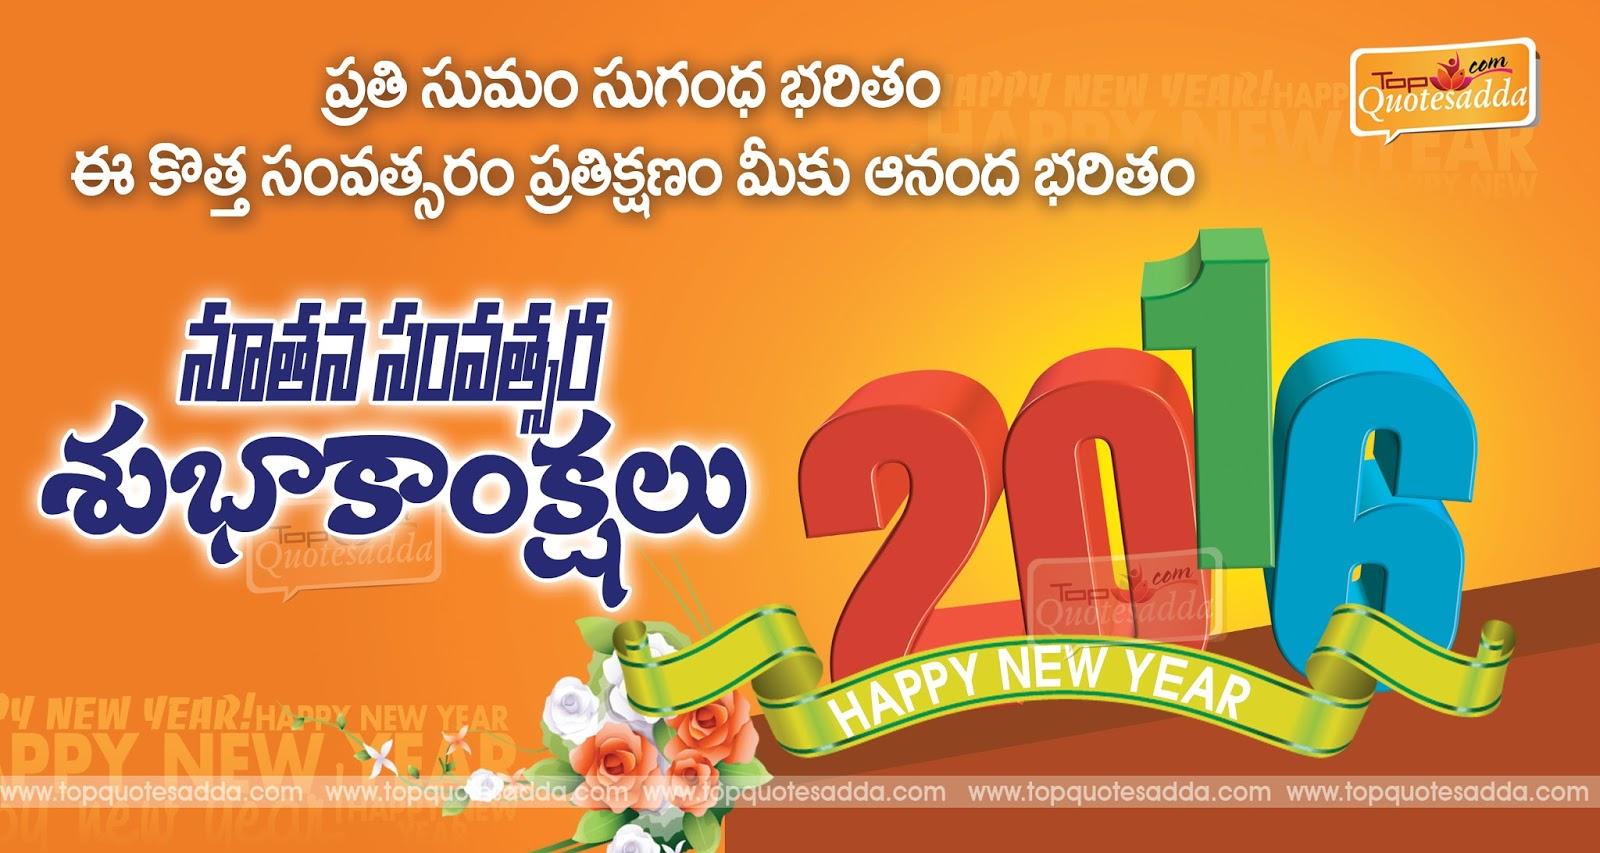 Happy New Year Wallpaper Tumblr | Hd Wallpaper | Pinterest | Telugu, Hd  Wallpaper And Wallpaper